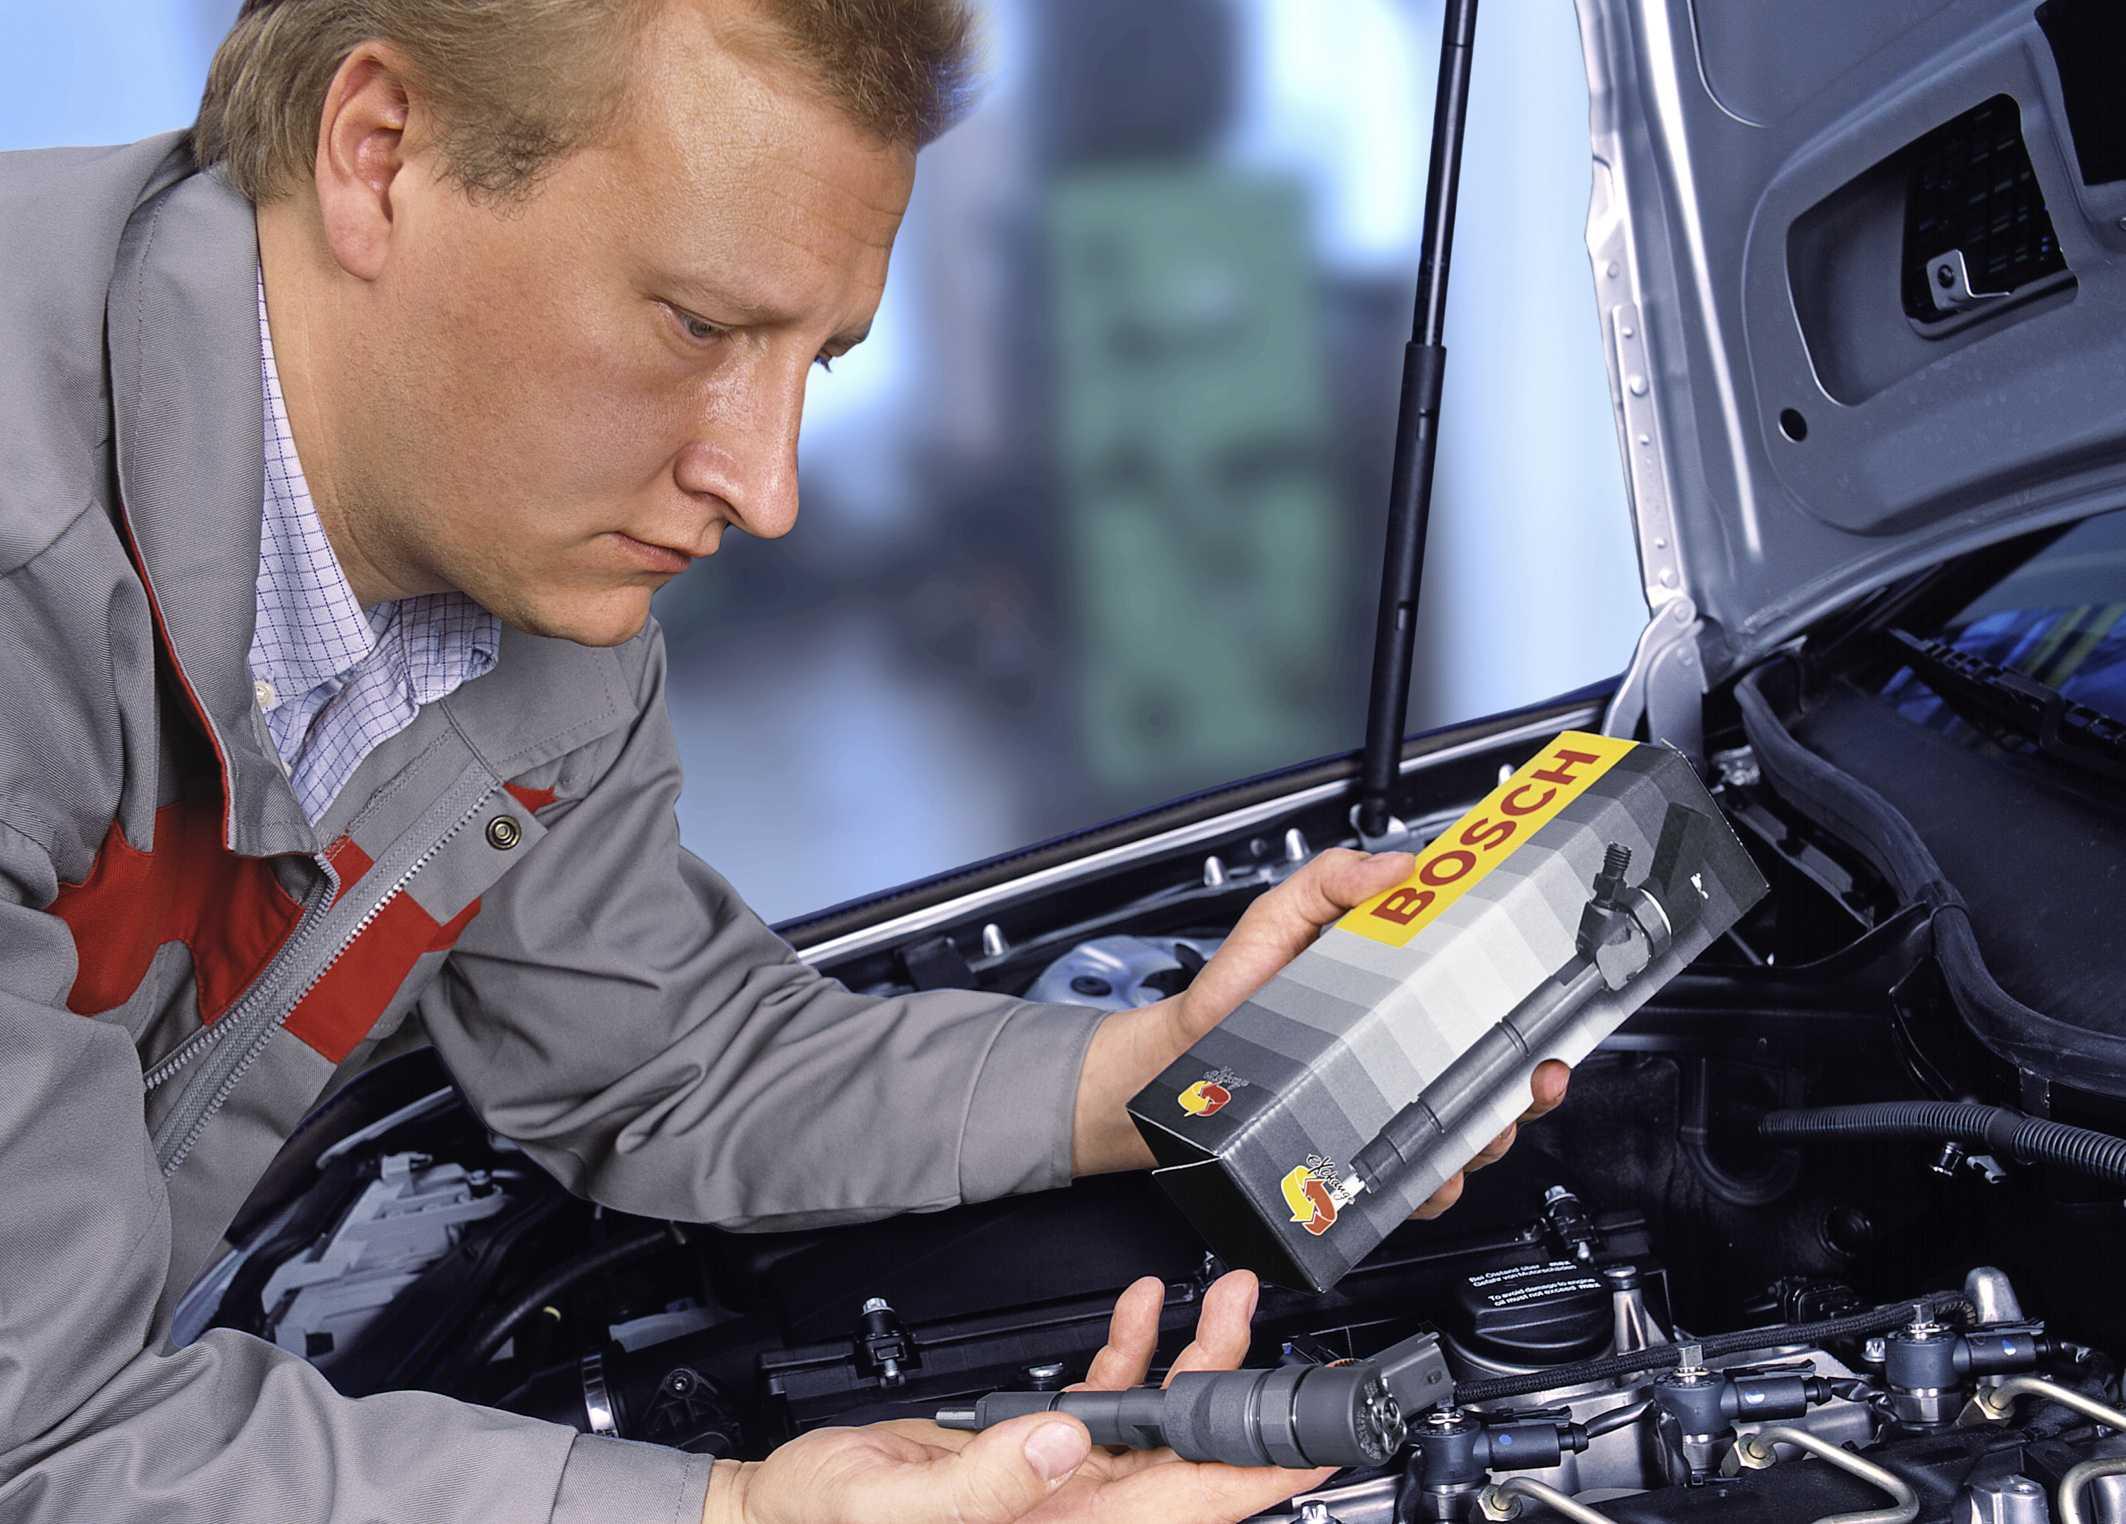 Ремонт двигателя в москве. 869 сто и 1164 отзывов, каталог автосервисов, карта, цены, рейтинг